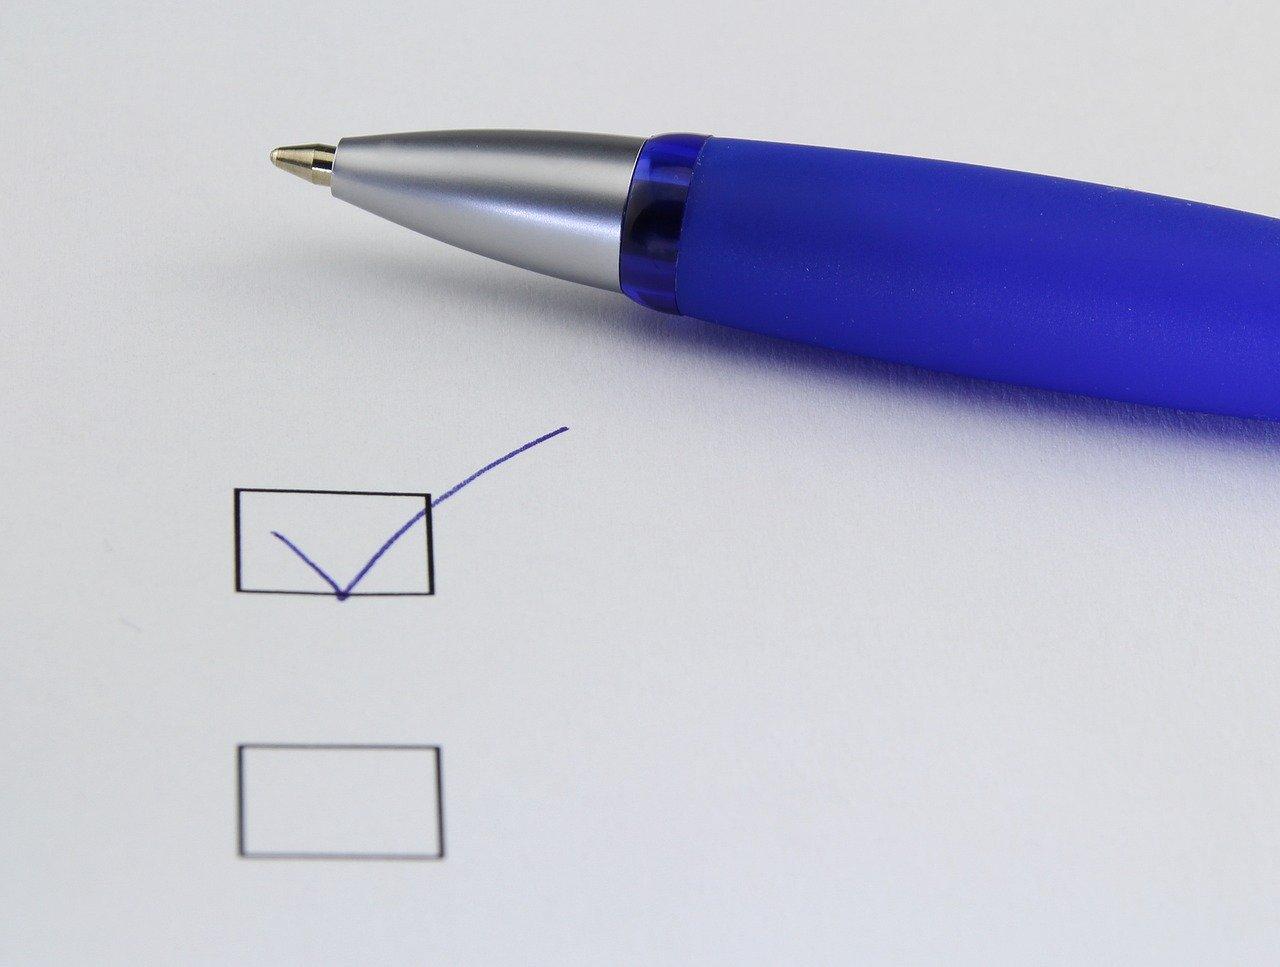 チェックボックスとボールペン